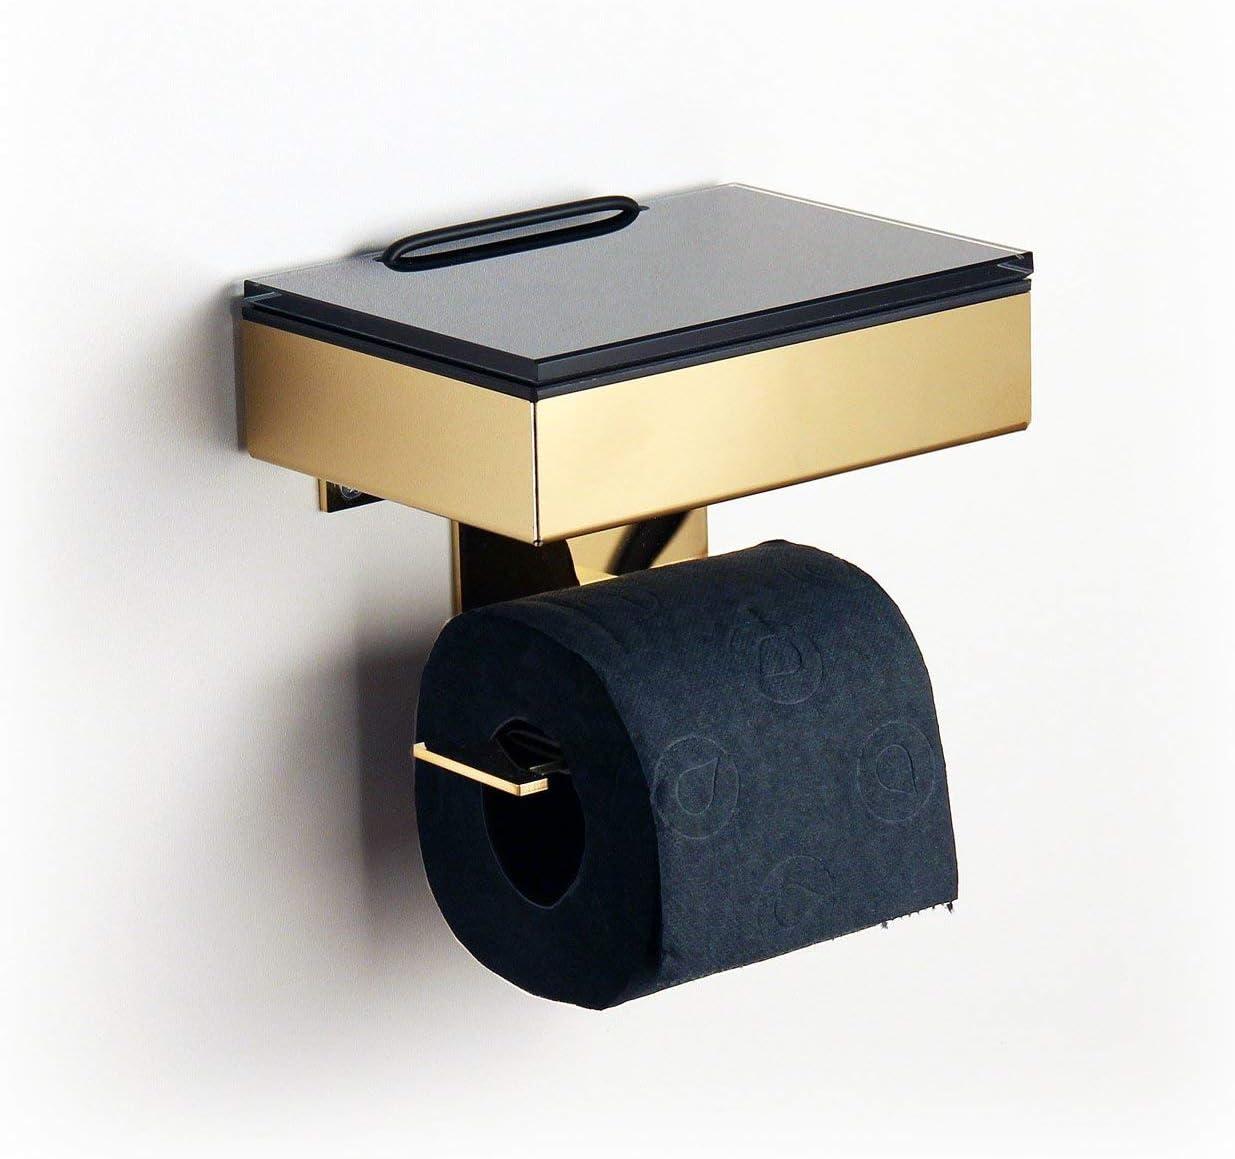 Caja para toallitas húmedas/rollo soporte acero inoxidable dorado – Fabricado en Alemania.: Amazon.es: Bricolaje y herramientas